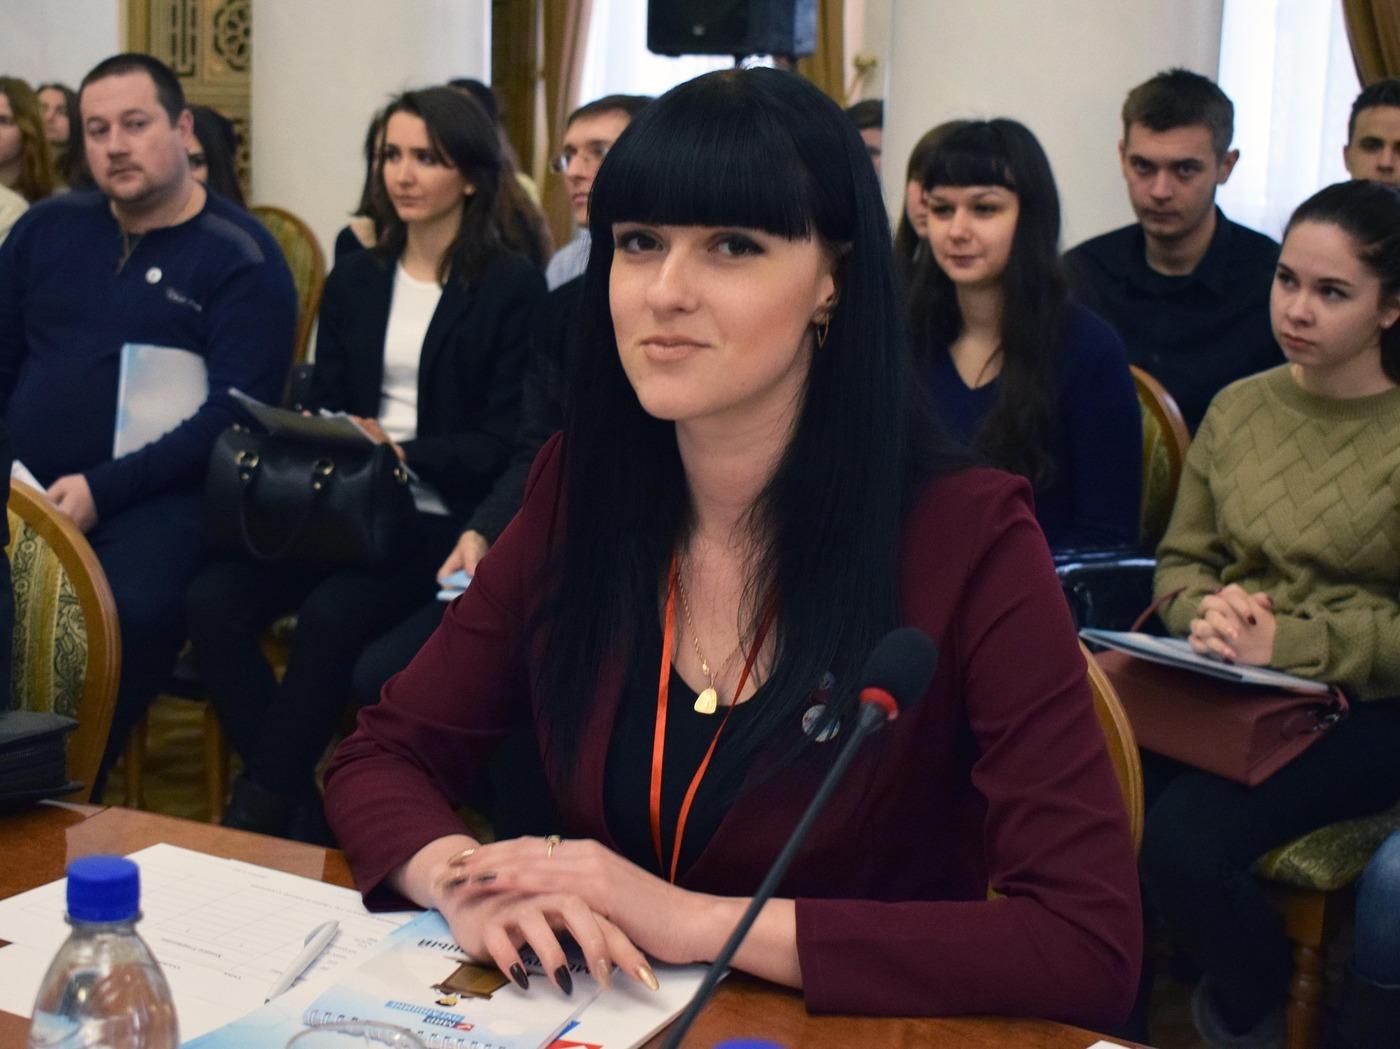 С заботой о гражданах республики – депутаты Народного Совета ЛНР участвуют в акции «Рука помощи» 5